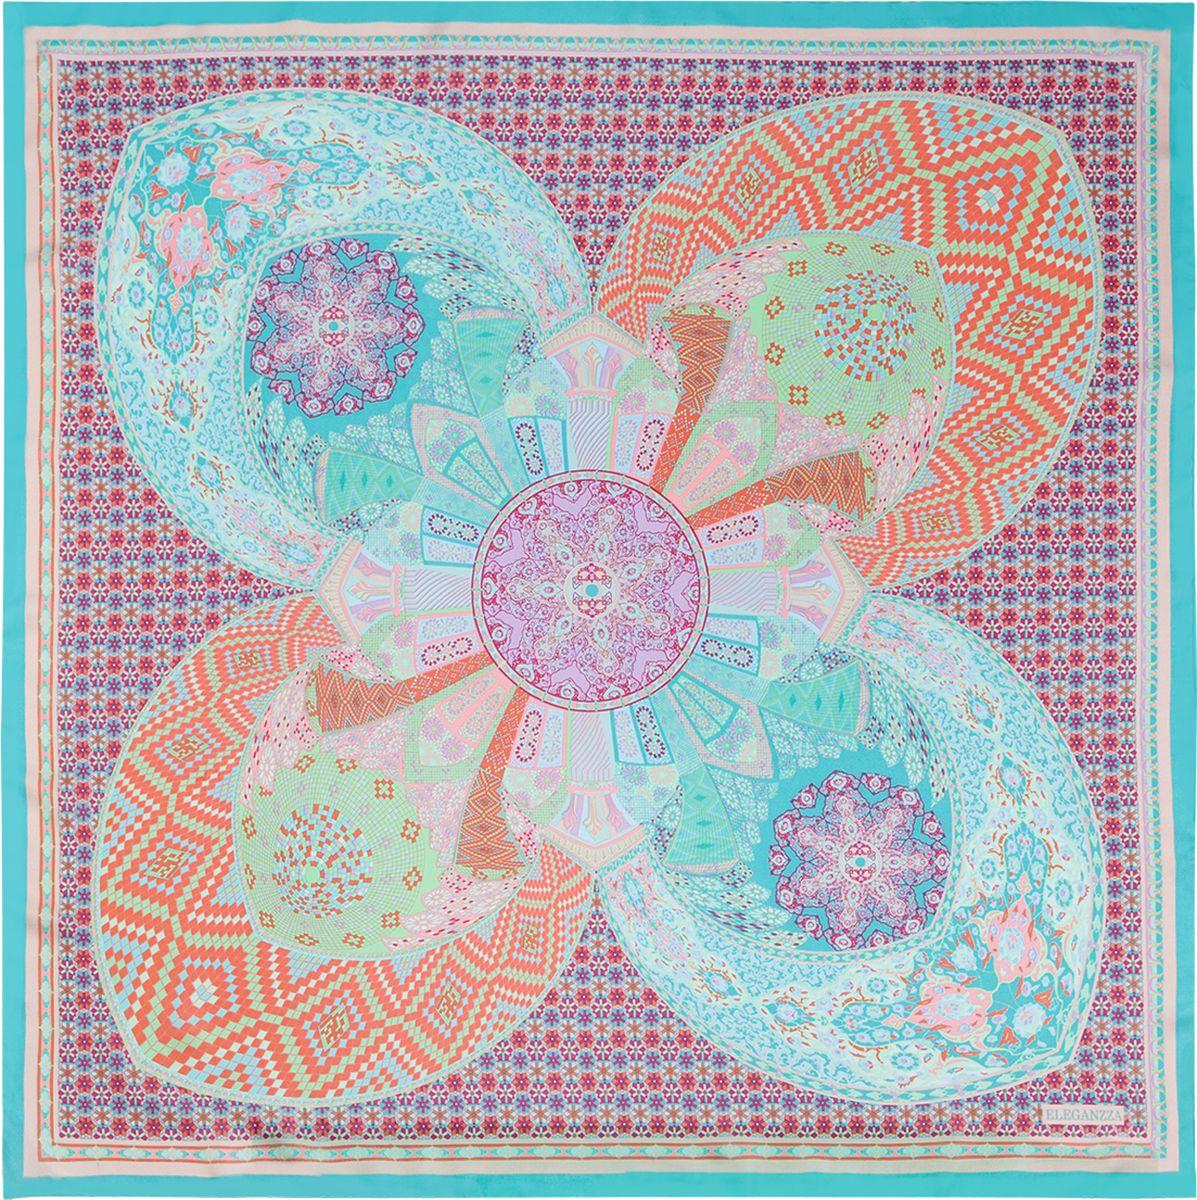 Платок женский Eleganzza, цвет: голубой, салатовый, оранжевый. E03-7095. Размер 90 см х 90 смE03-7095Платок Eleganzza, выполненный из шелка, идеально дополнит образ современной женщины. Модель оформлена принтом. Классическая квадратная форма позволяет носить платок на шее, украшать им прическу или декорировать сумочку. С таким замечательным аксессуаром вы всегда будете выглядеть женственно и привлекательно.